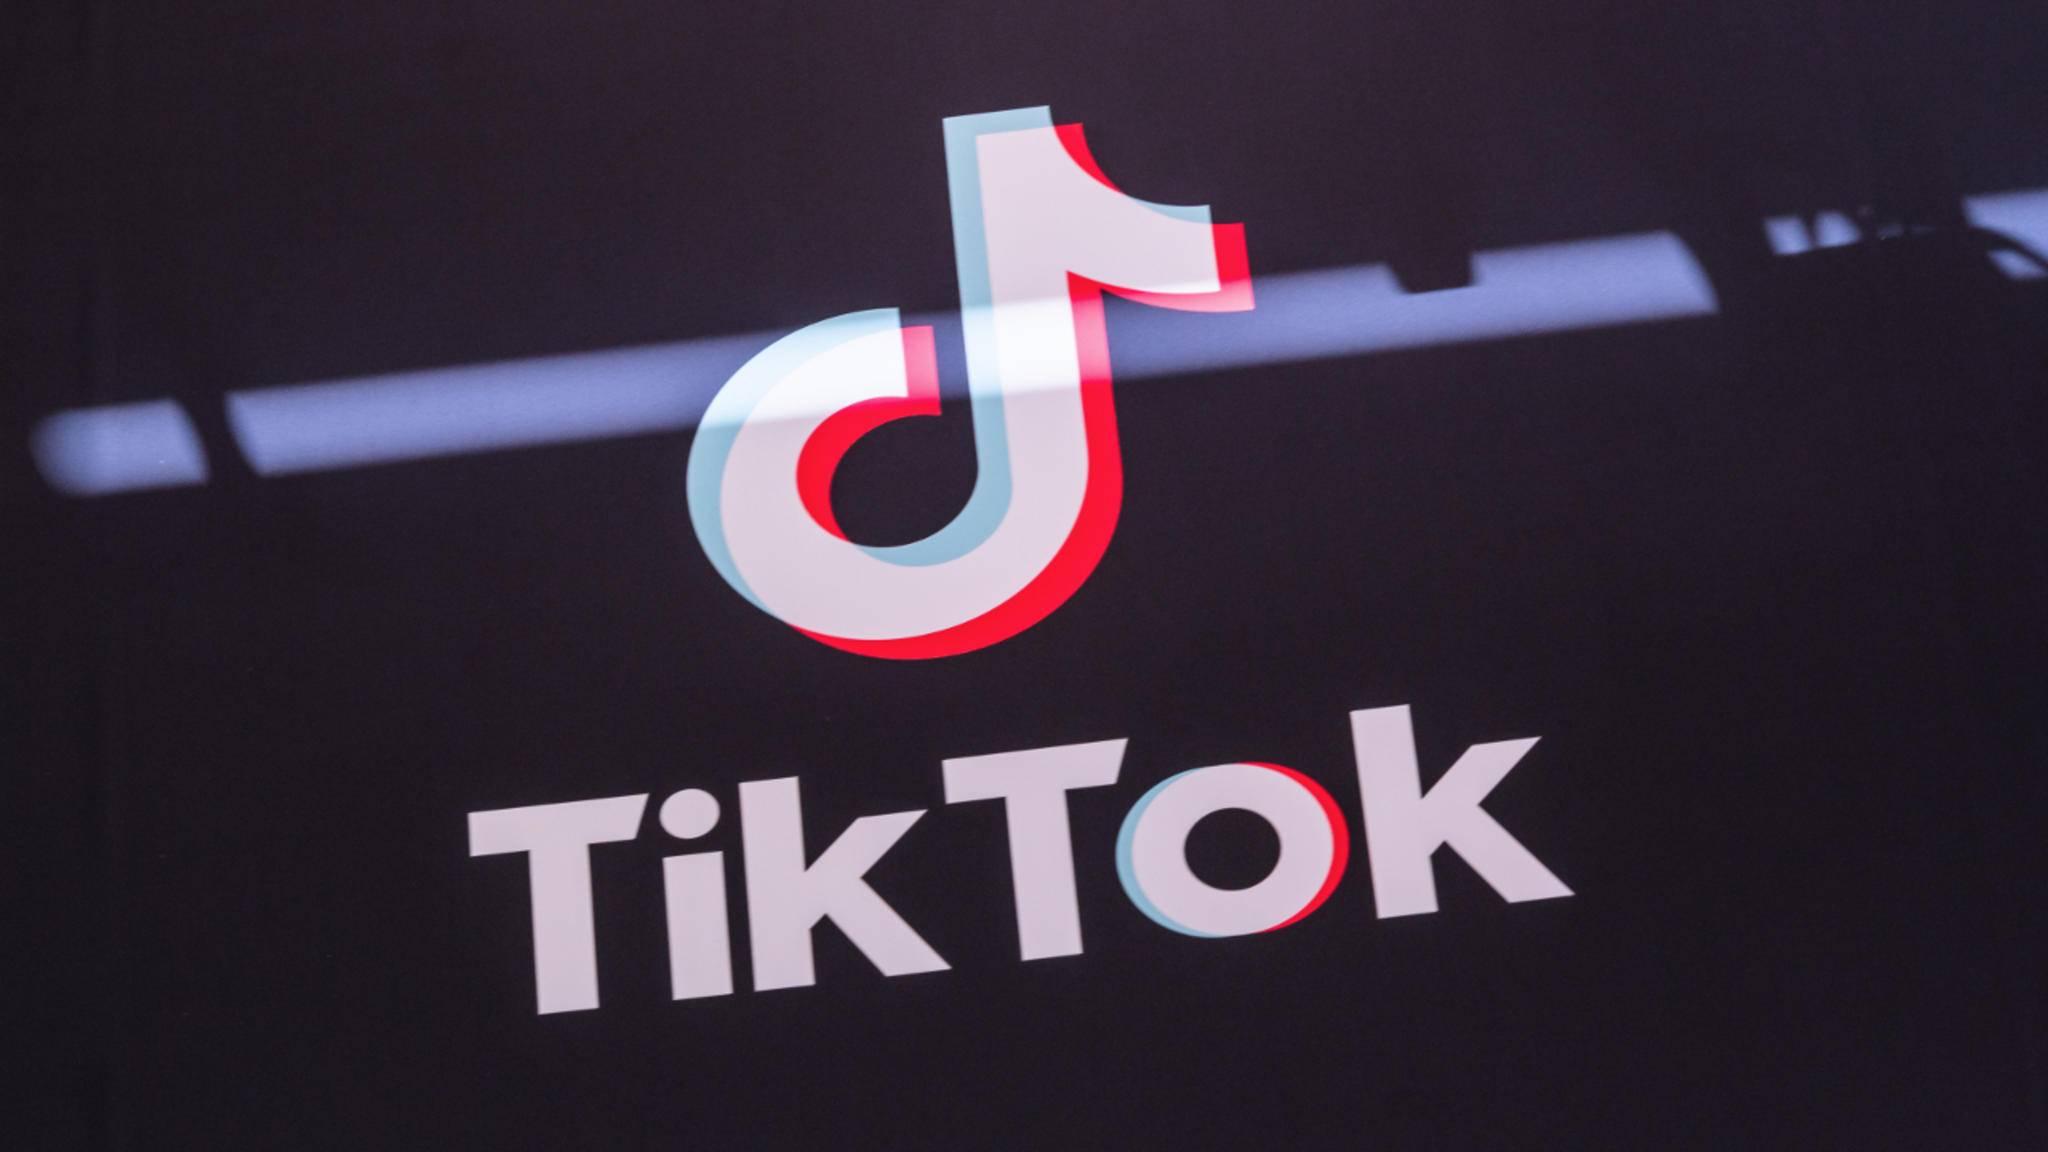 Willst du dich bei TikTok anmelden, funktioniert das zügig und unkompliziert.